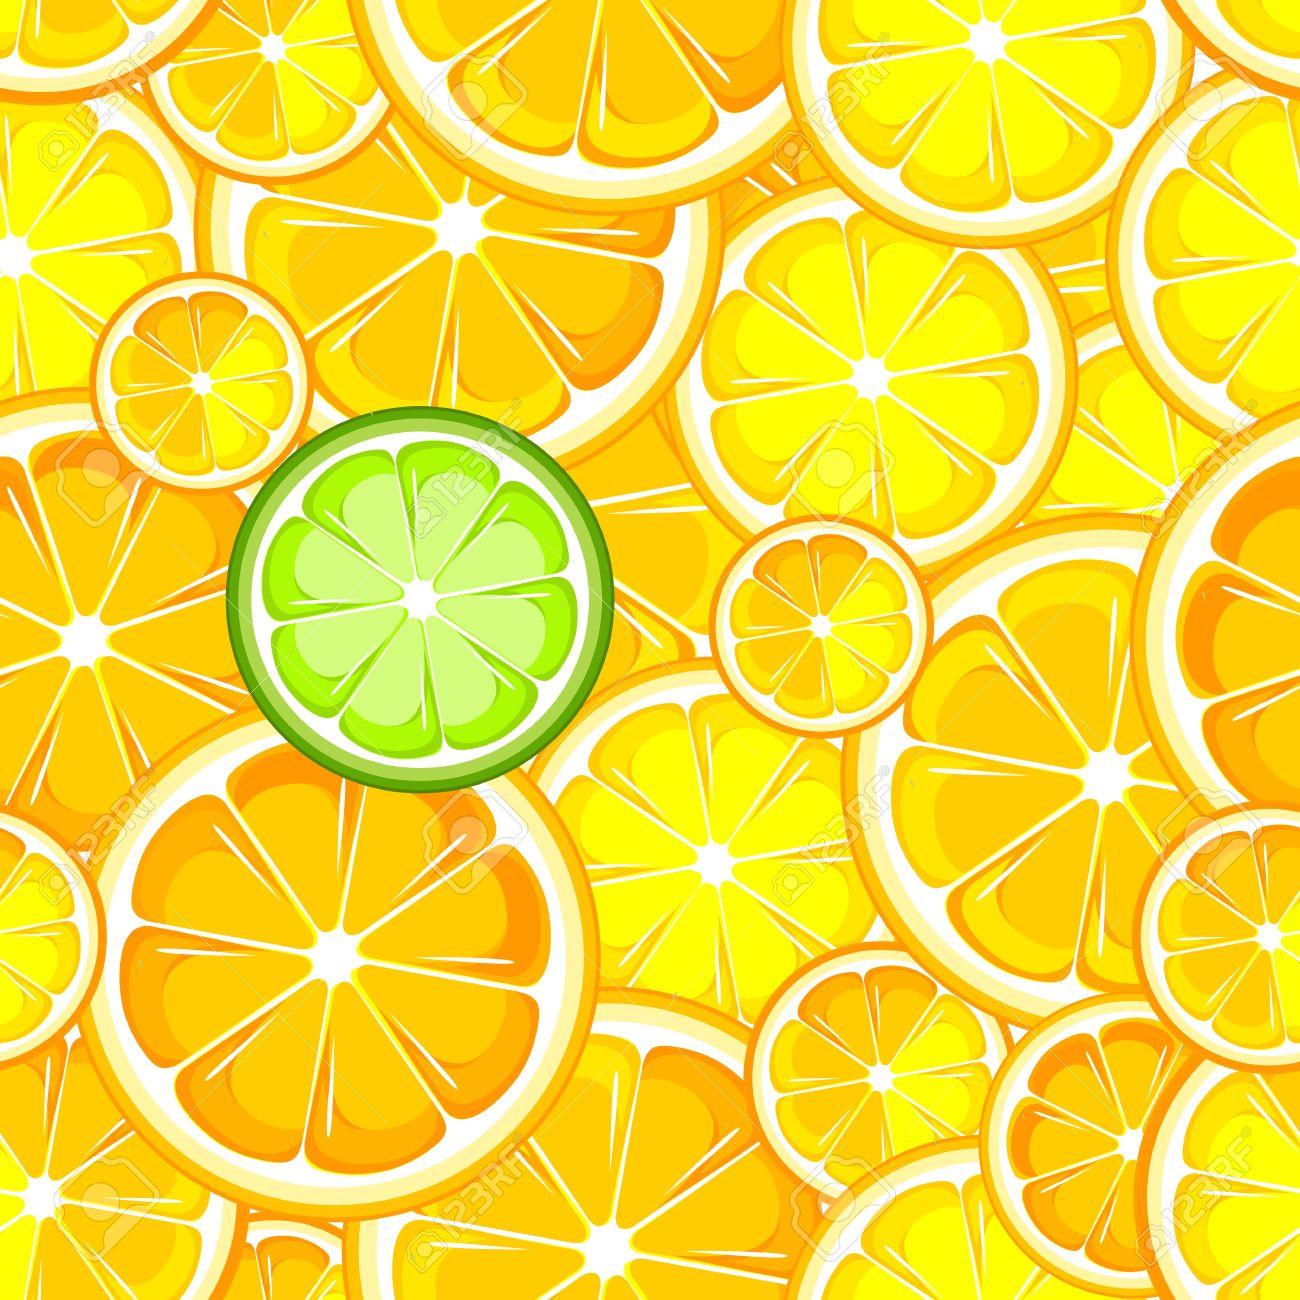 ベリー フルーツ熟したレモンとライムのシームレスな壁紙のイラスト素材 ベクタ Image